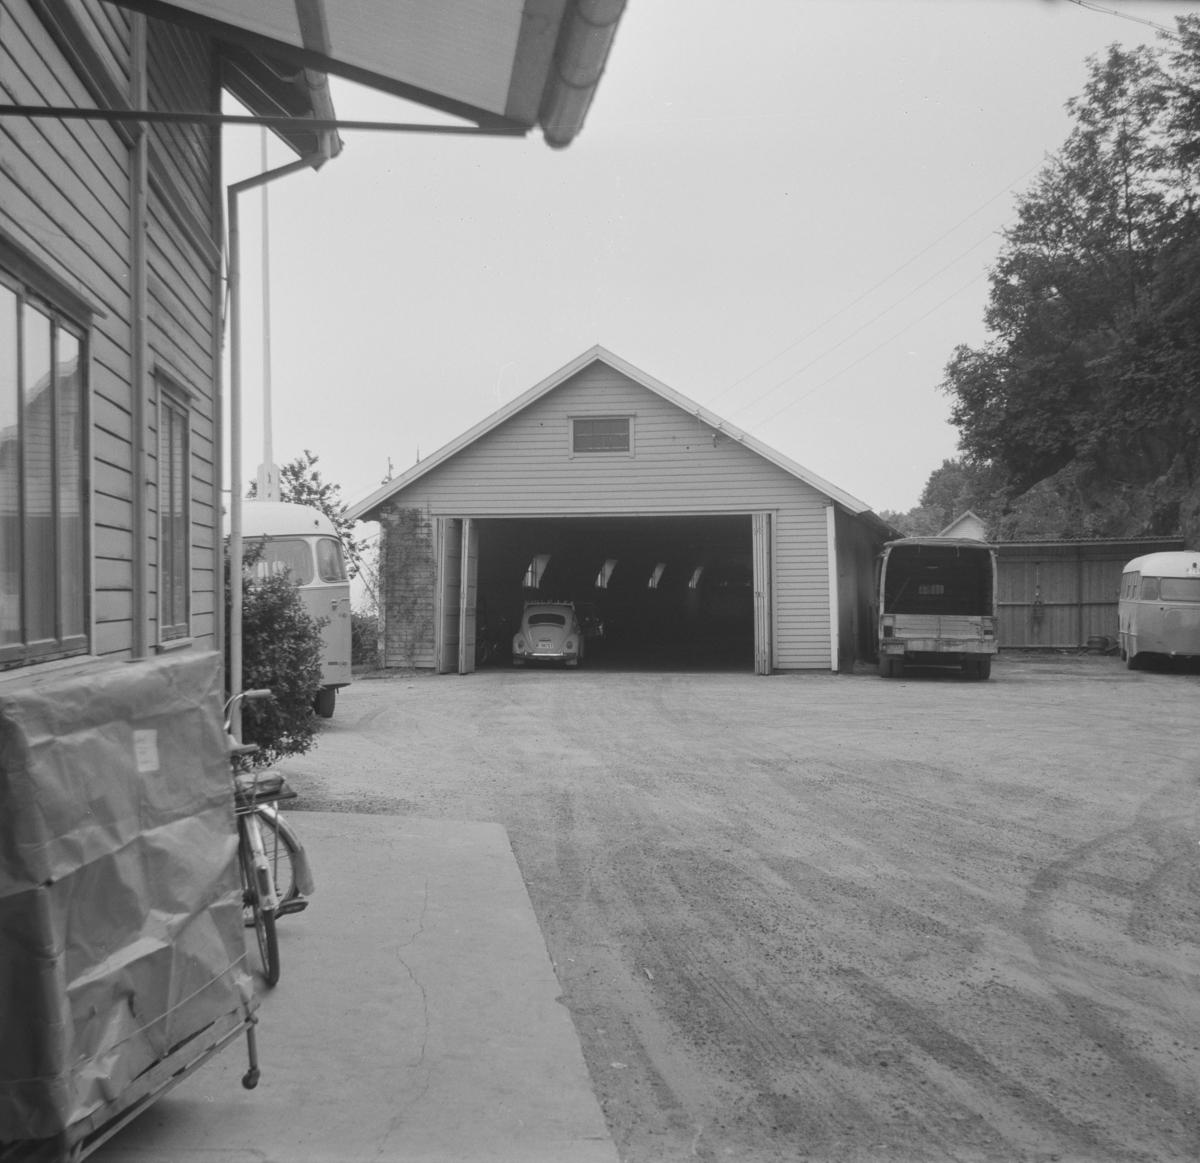 Nesttun-Osbanens gamle stasjonsbygning på Os. Vognhallen i bakgrunnen.